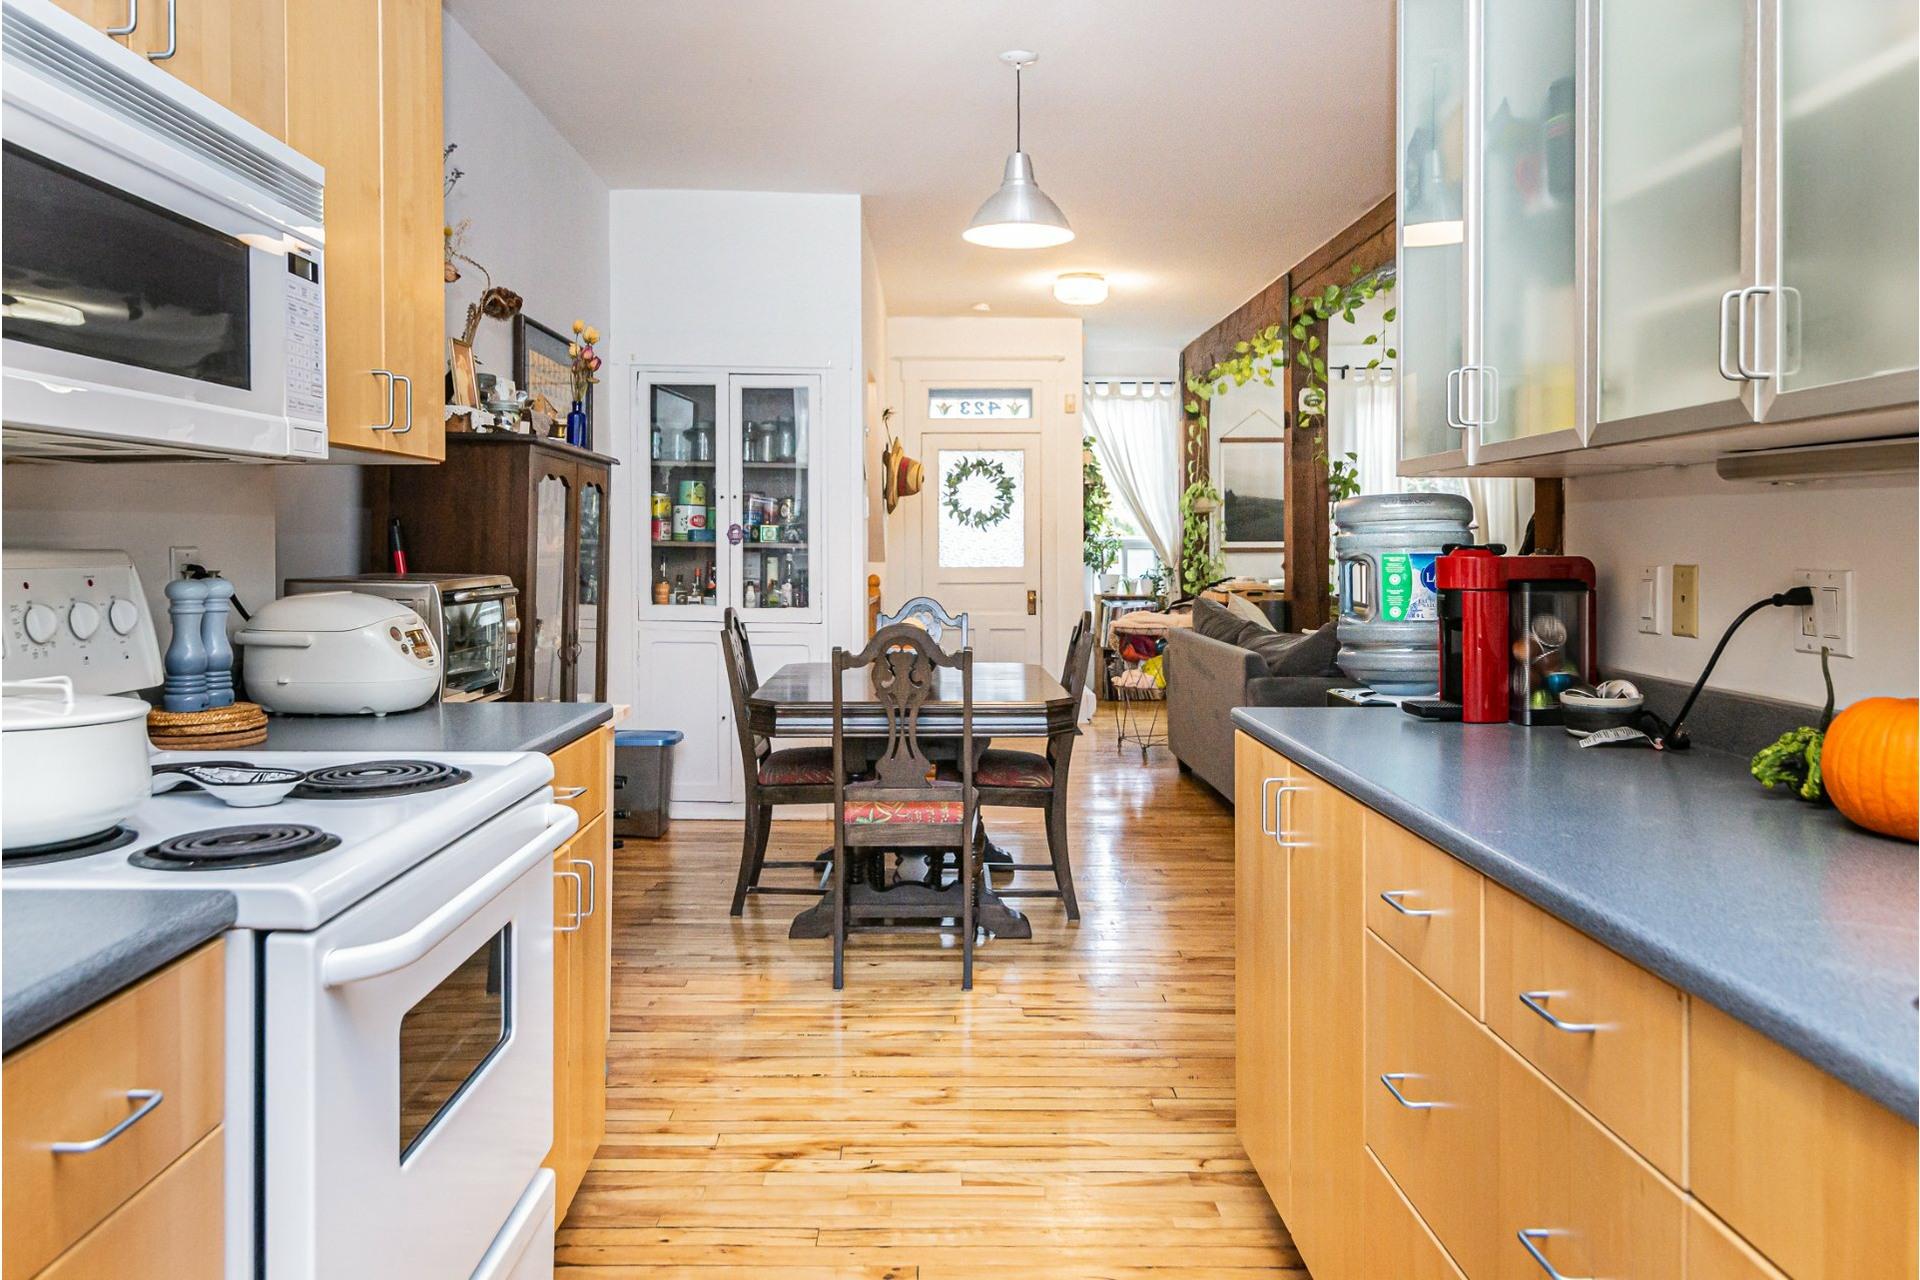 image 9 - Duplex À vendre Côte-des-Neiges/Notre-Dame-de-Grâce Montréal  - 5 pièces